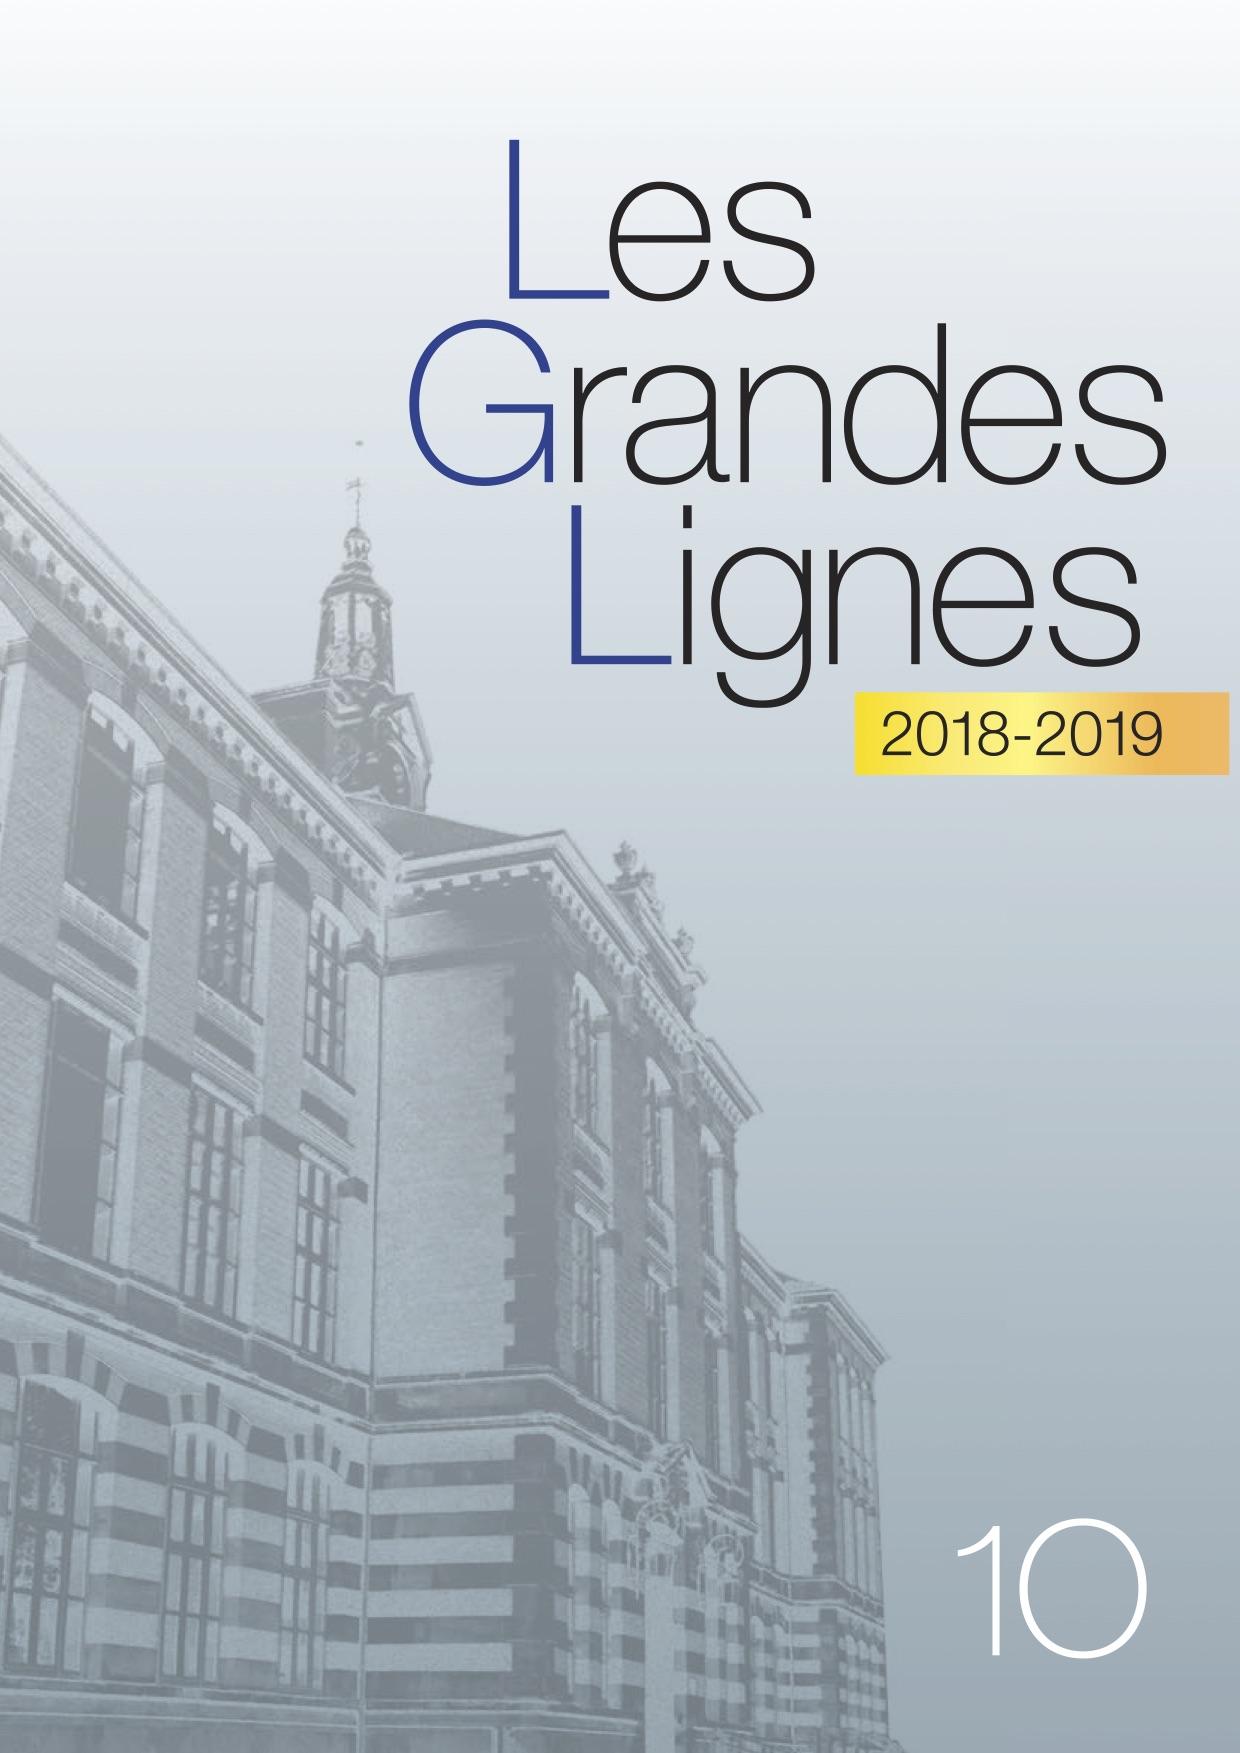 Les Grandes Lignes 2018/2019